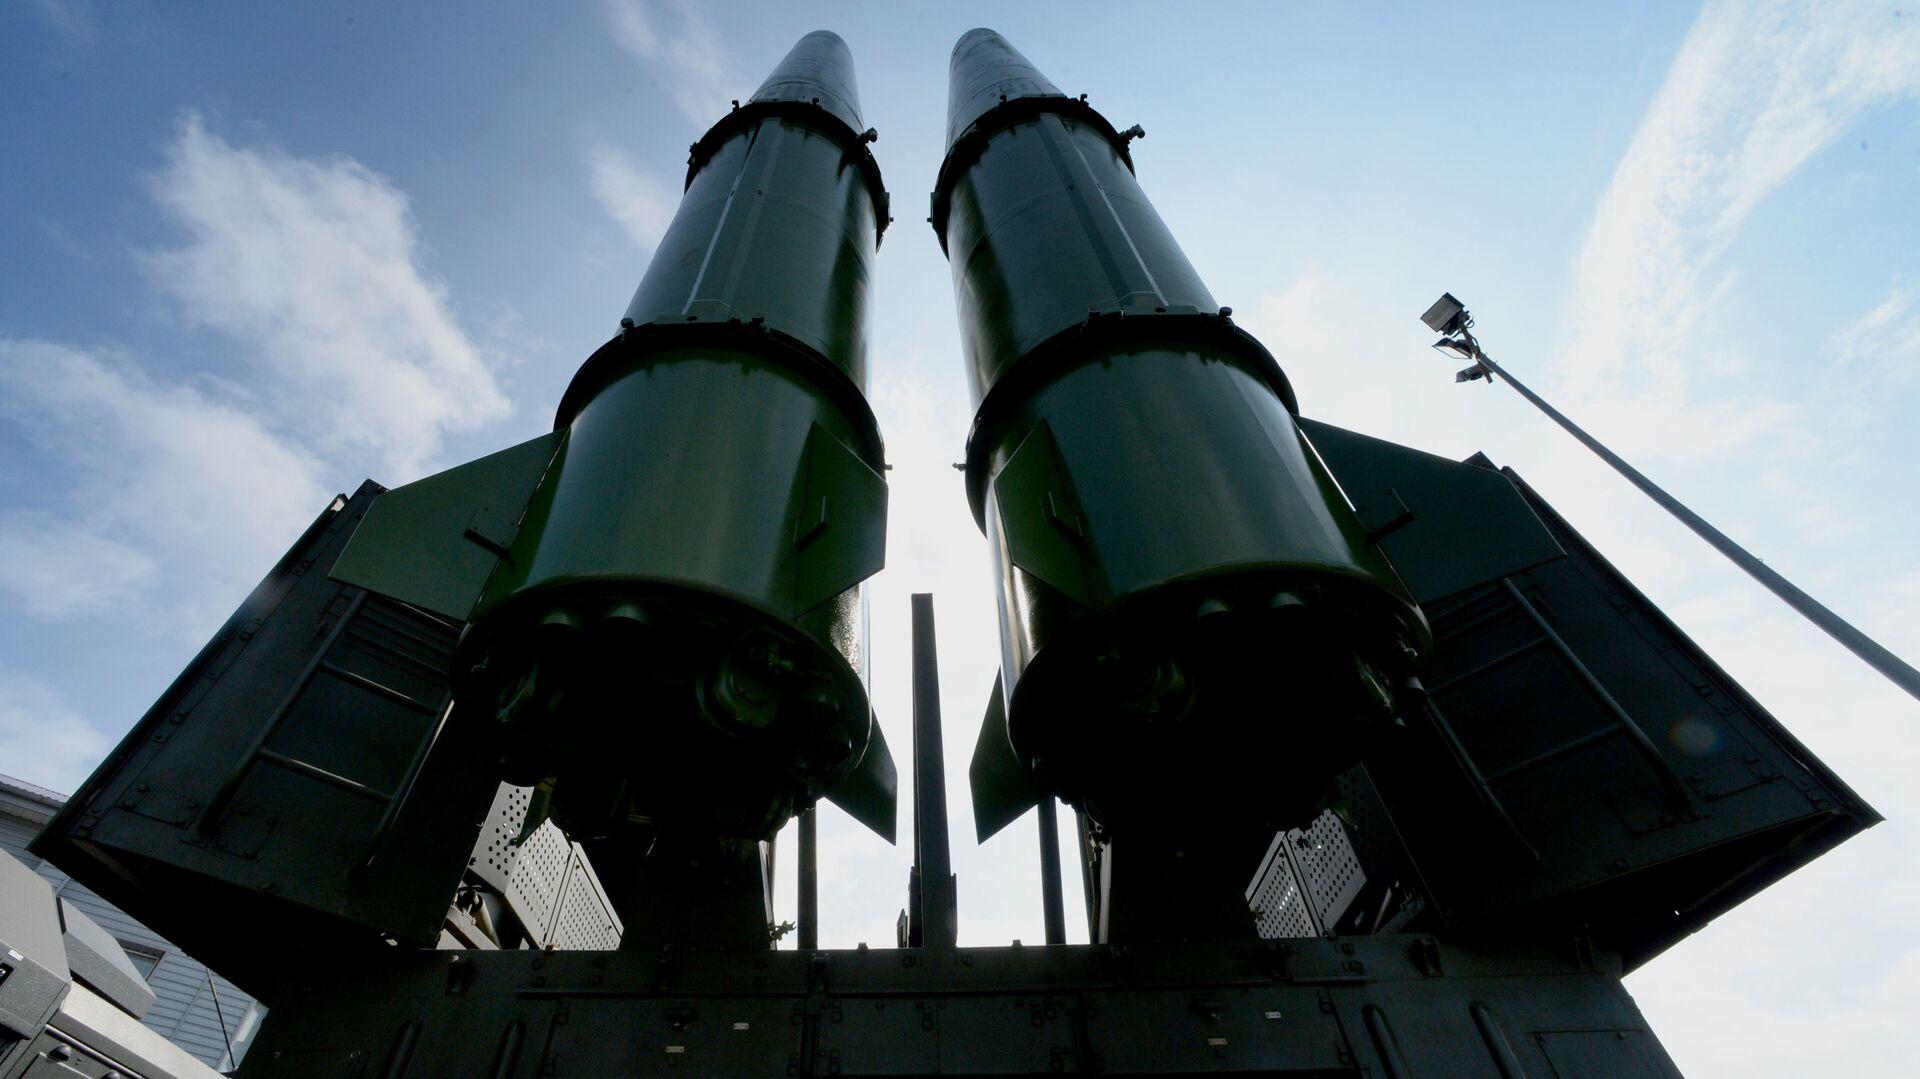 Ракетный комплекс Искандер-М на церемонии открытия Международного военно-технического форума АРМИЯ-2016 во Владивостоке - Sputnik Таджикистан, 1920, 25.02.2021